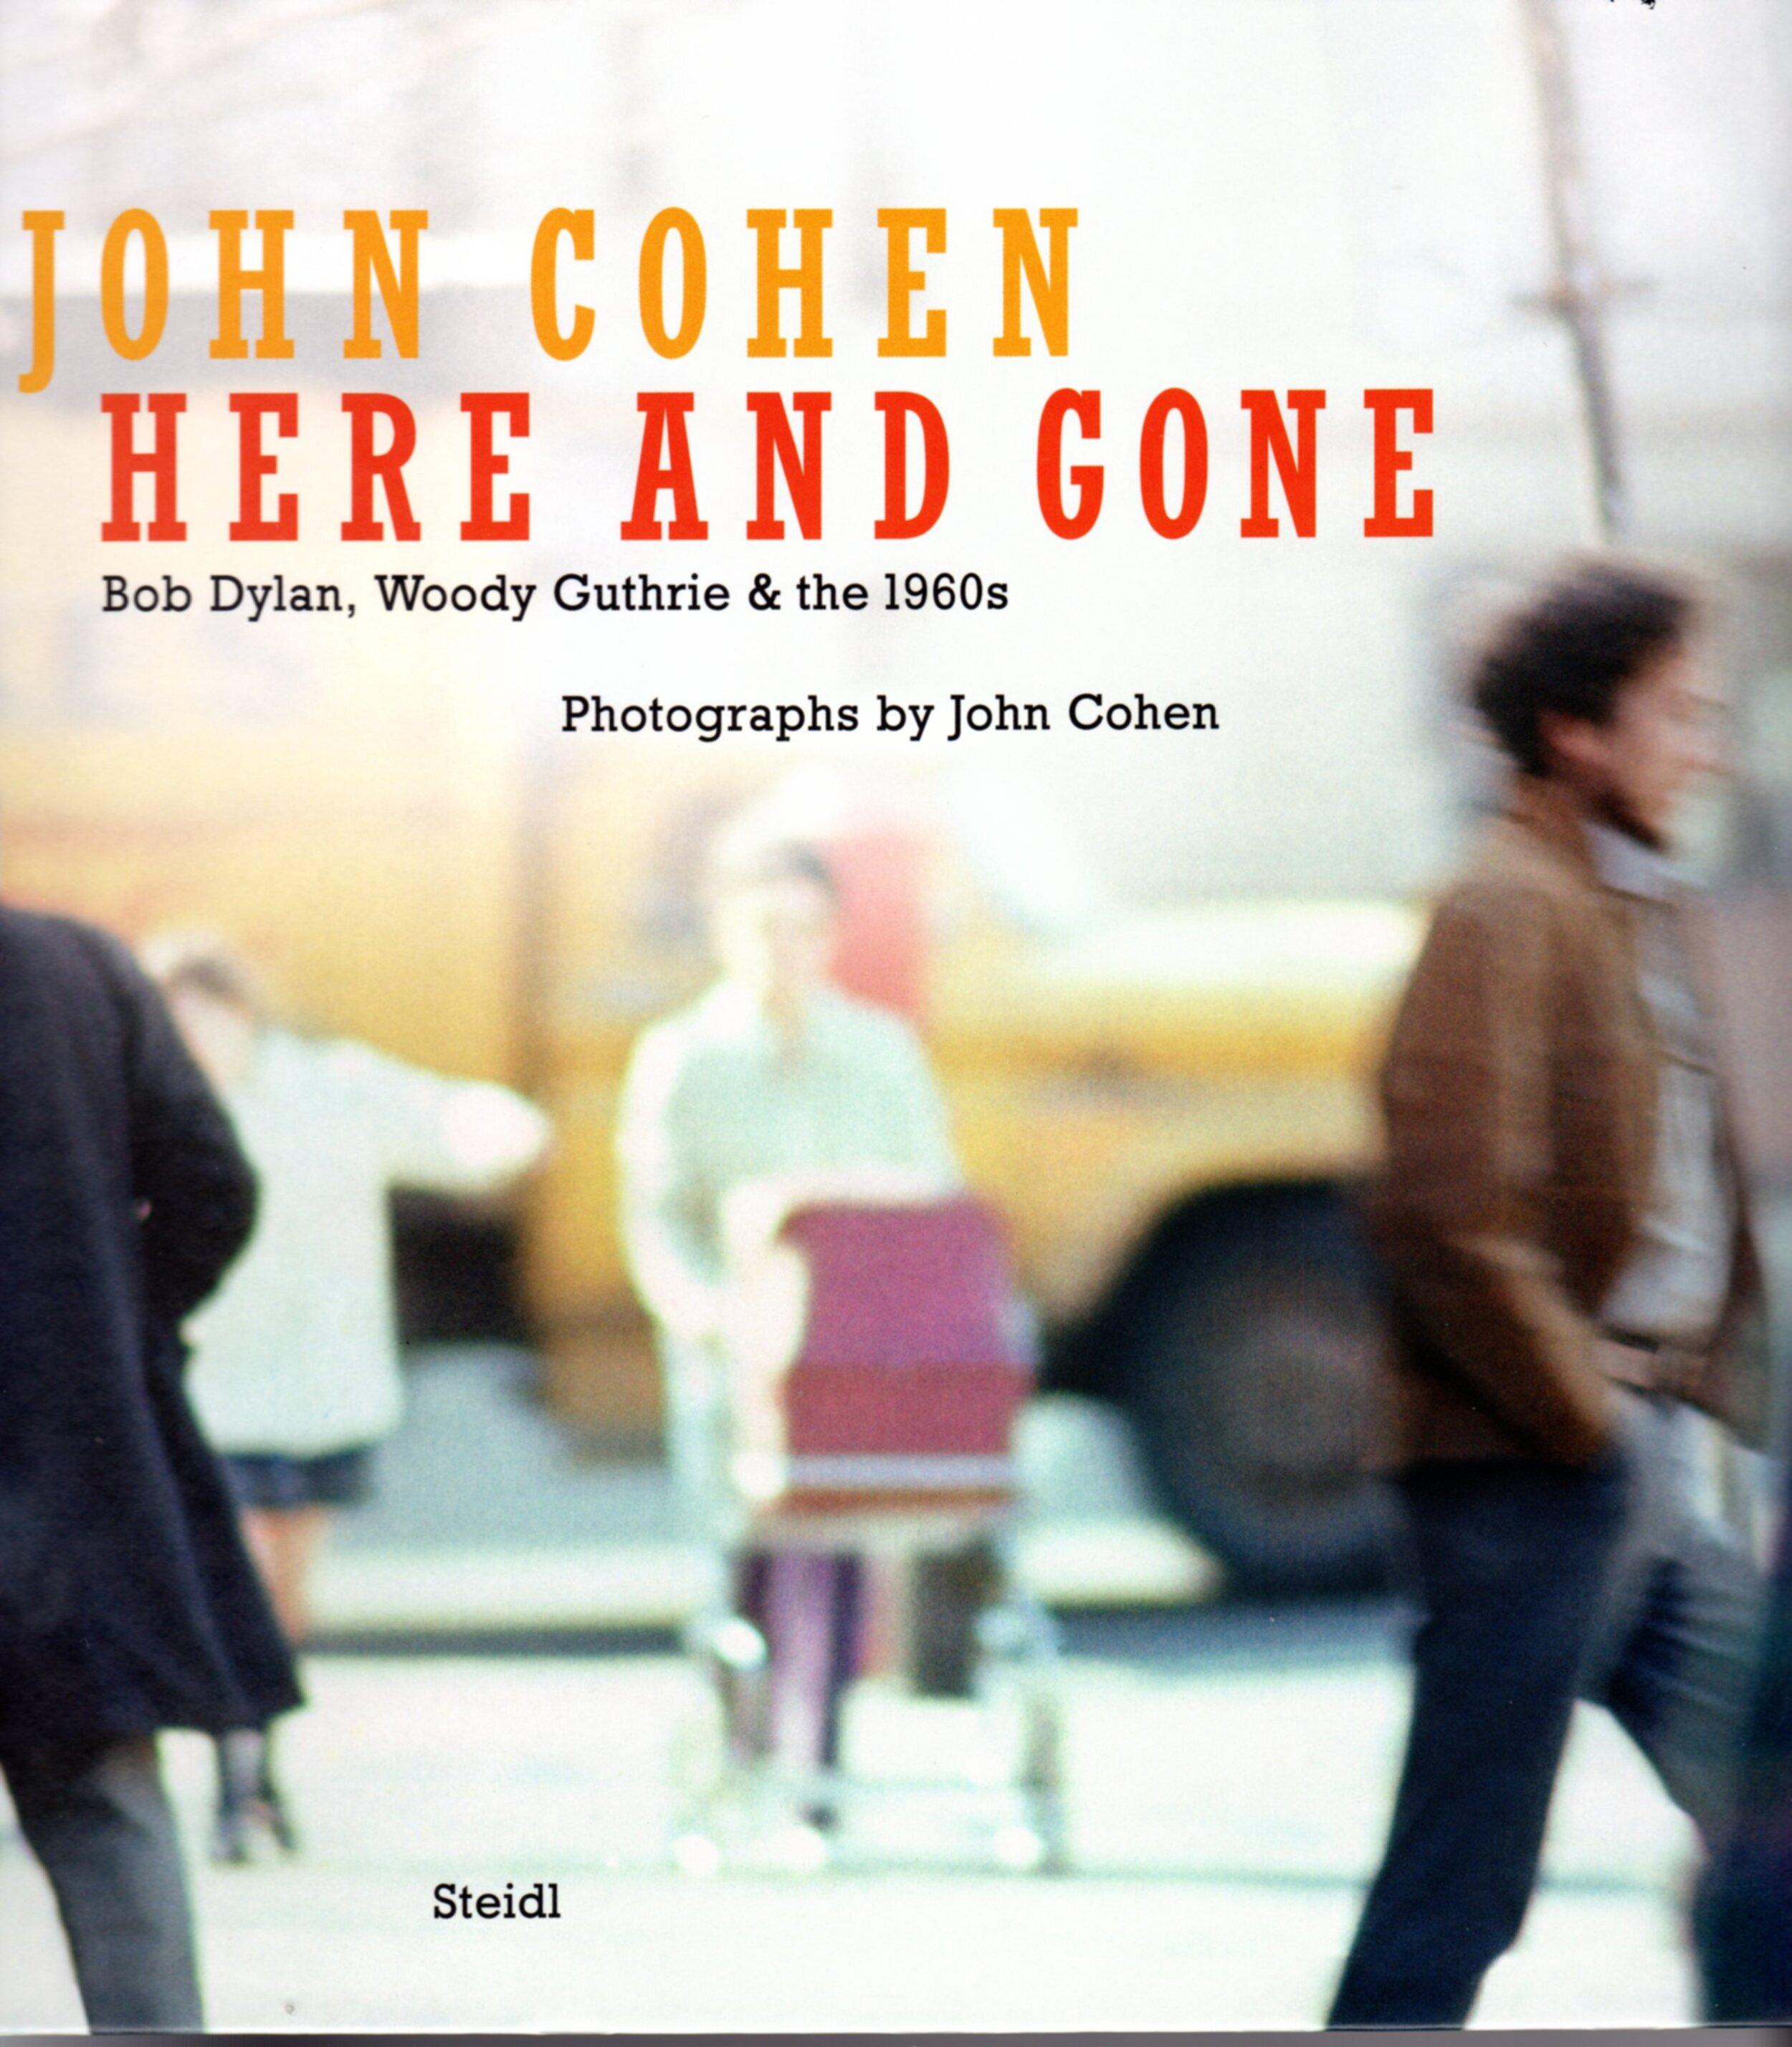 JohnCohen001.jpg